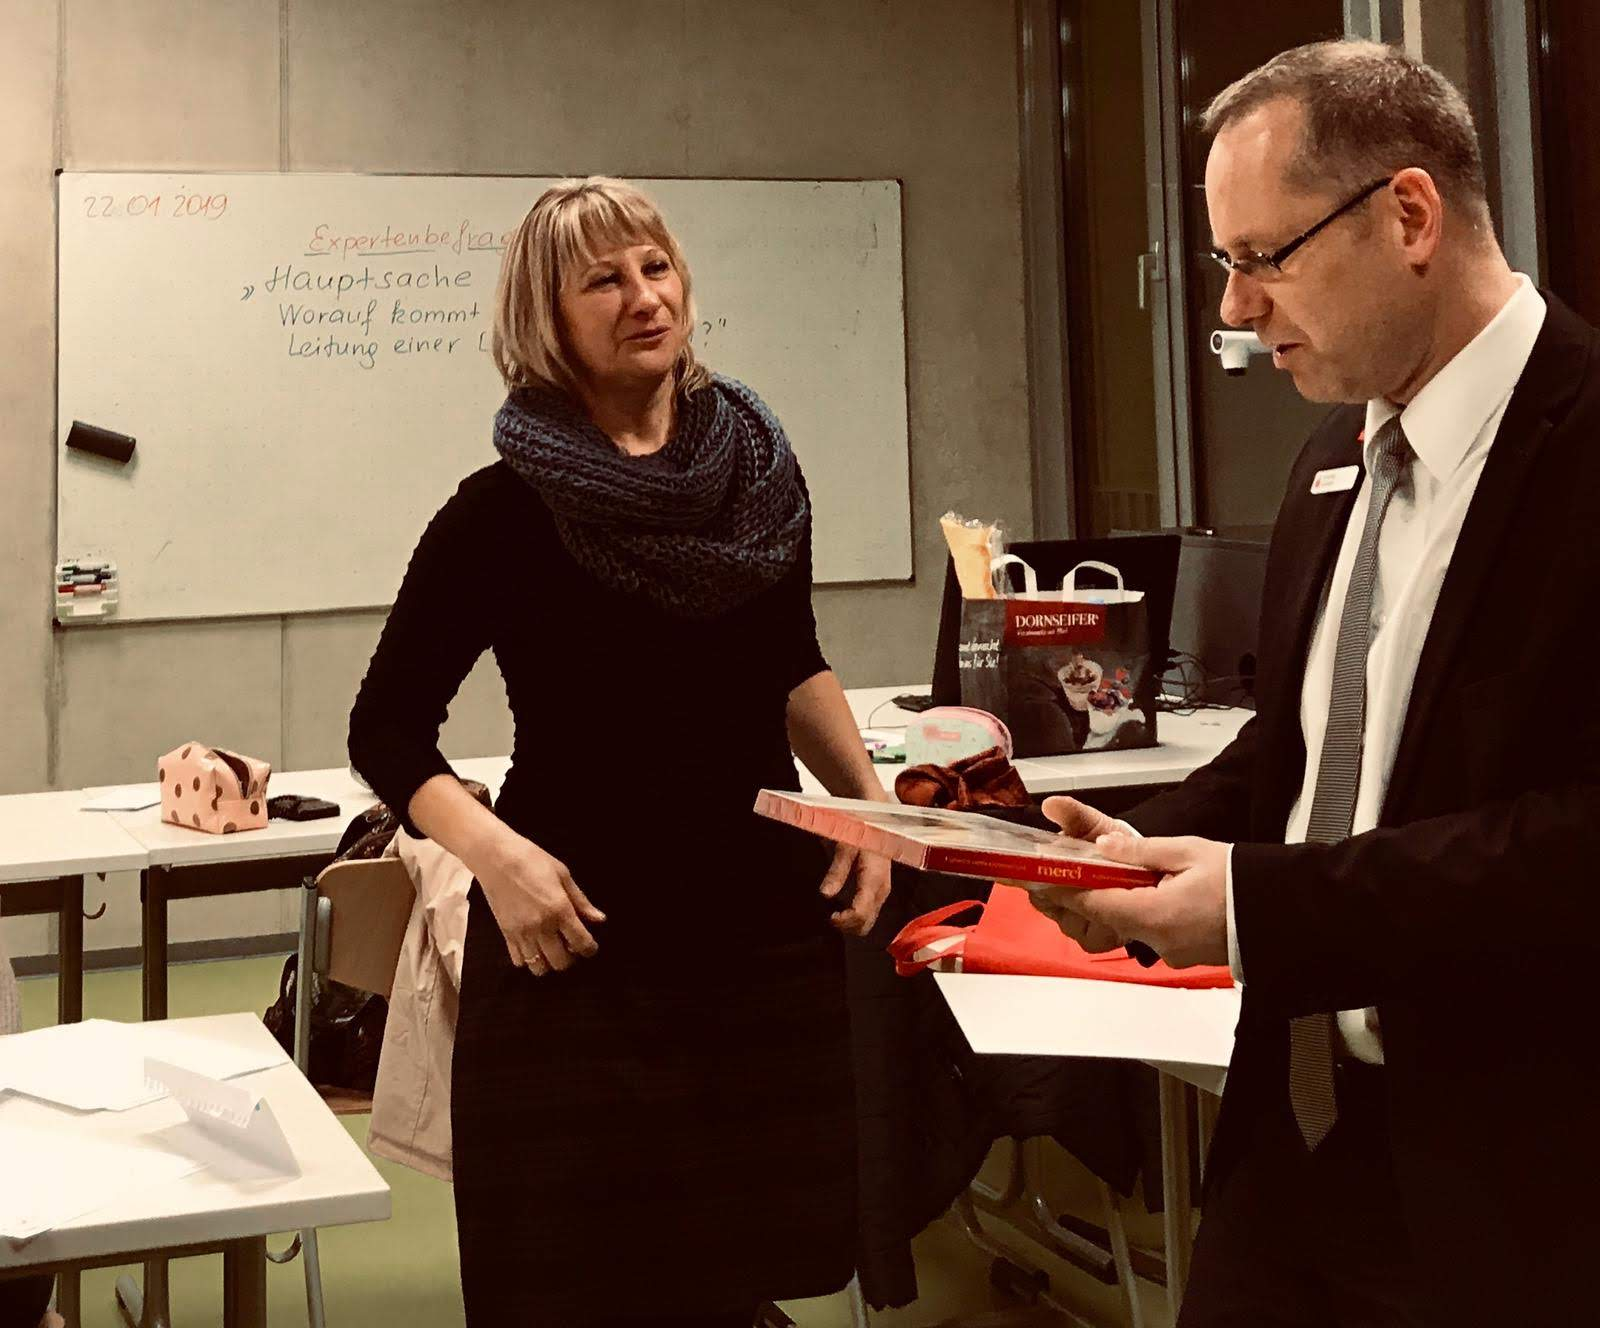 Herr Vahland und Frau Barg im Gespräch